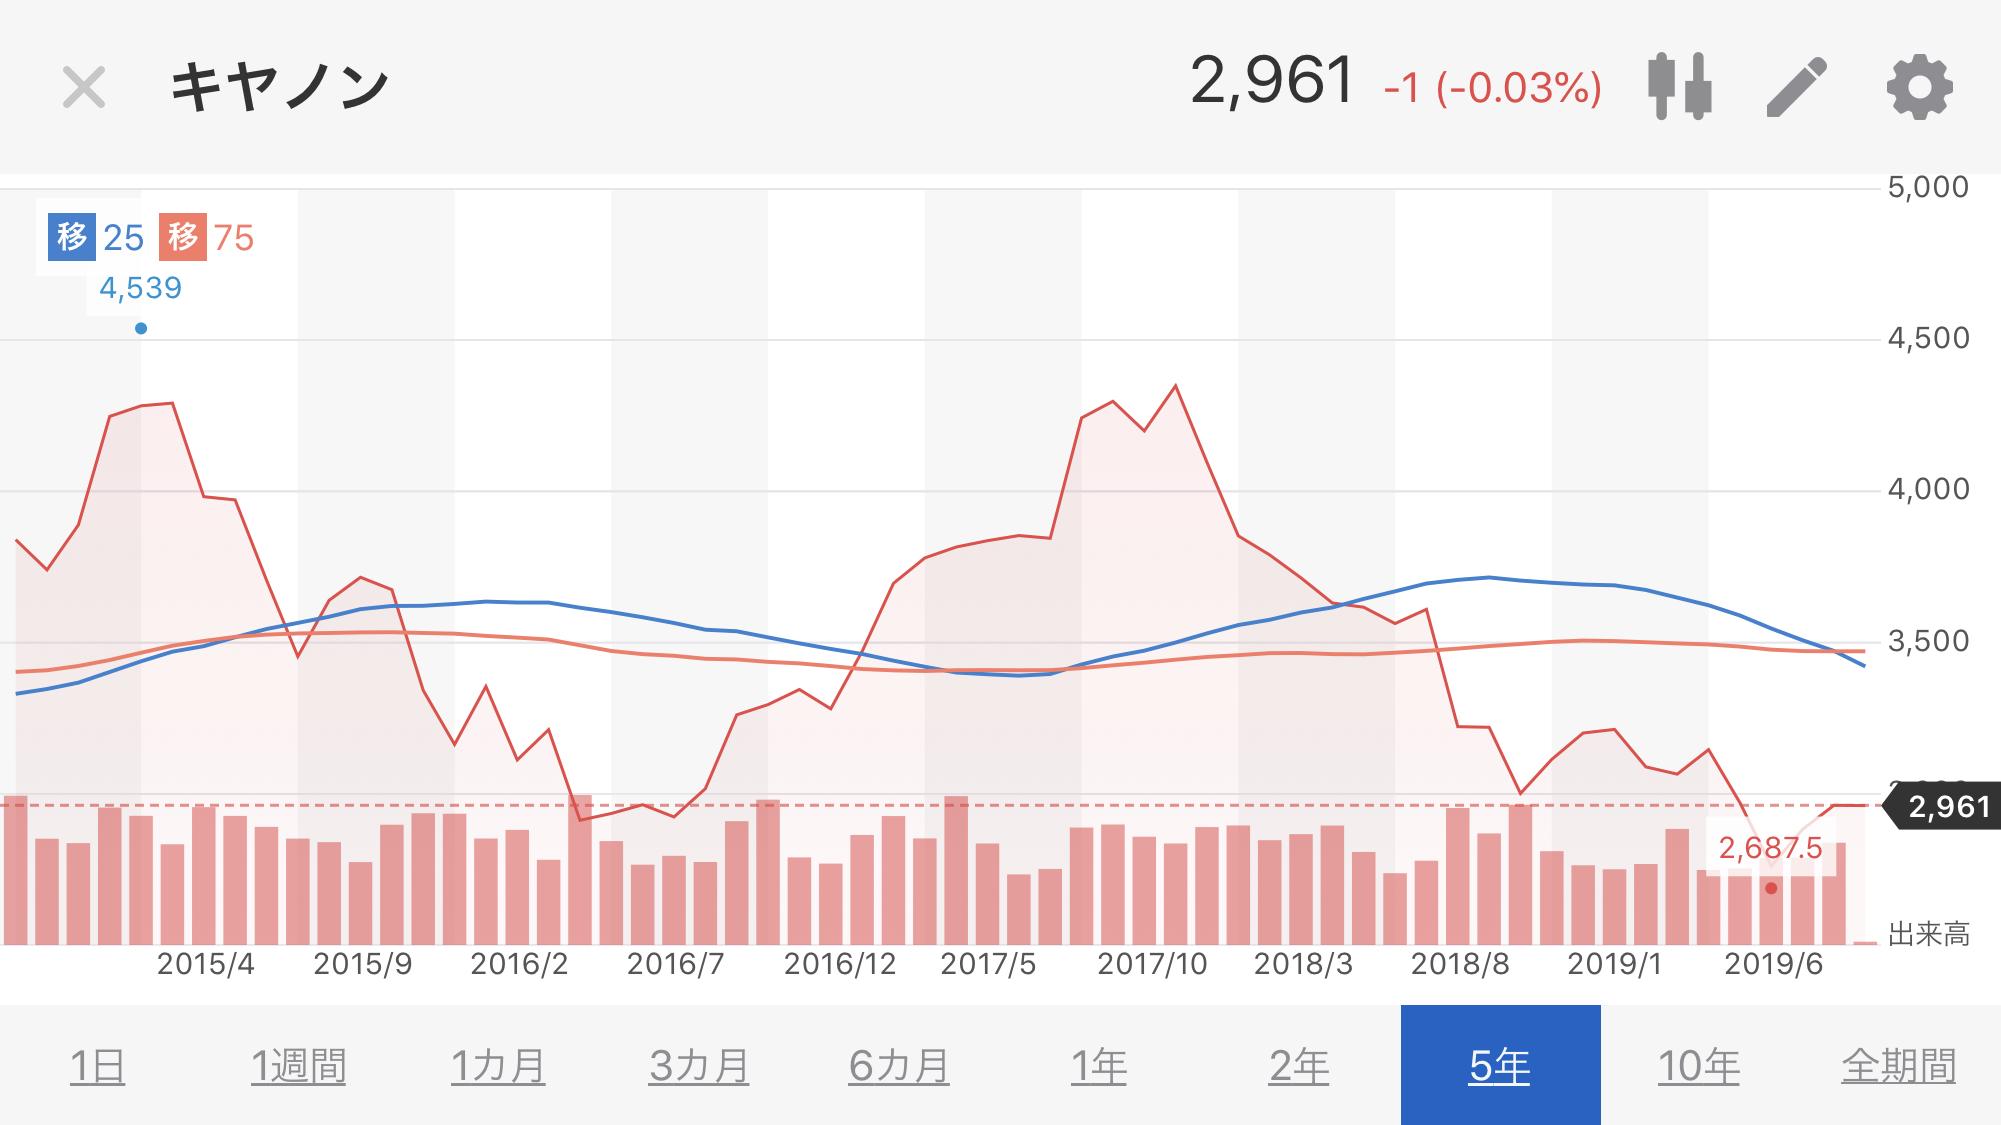 キャノン株価推移